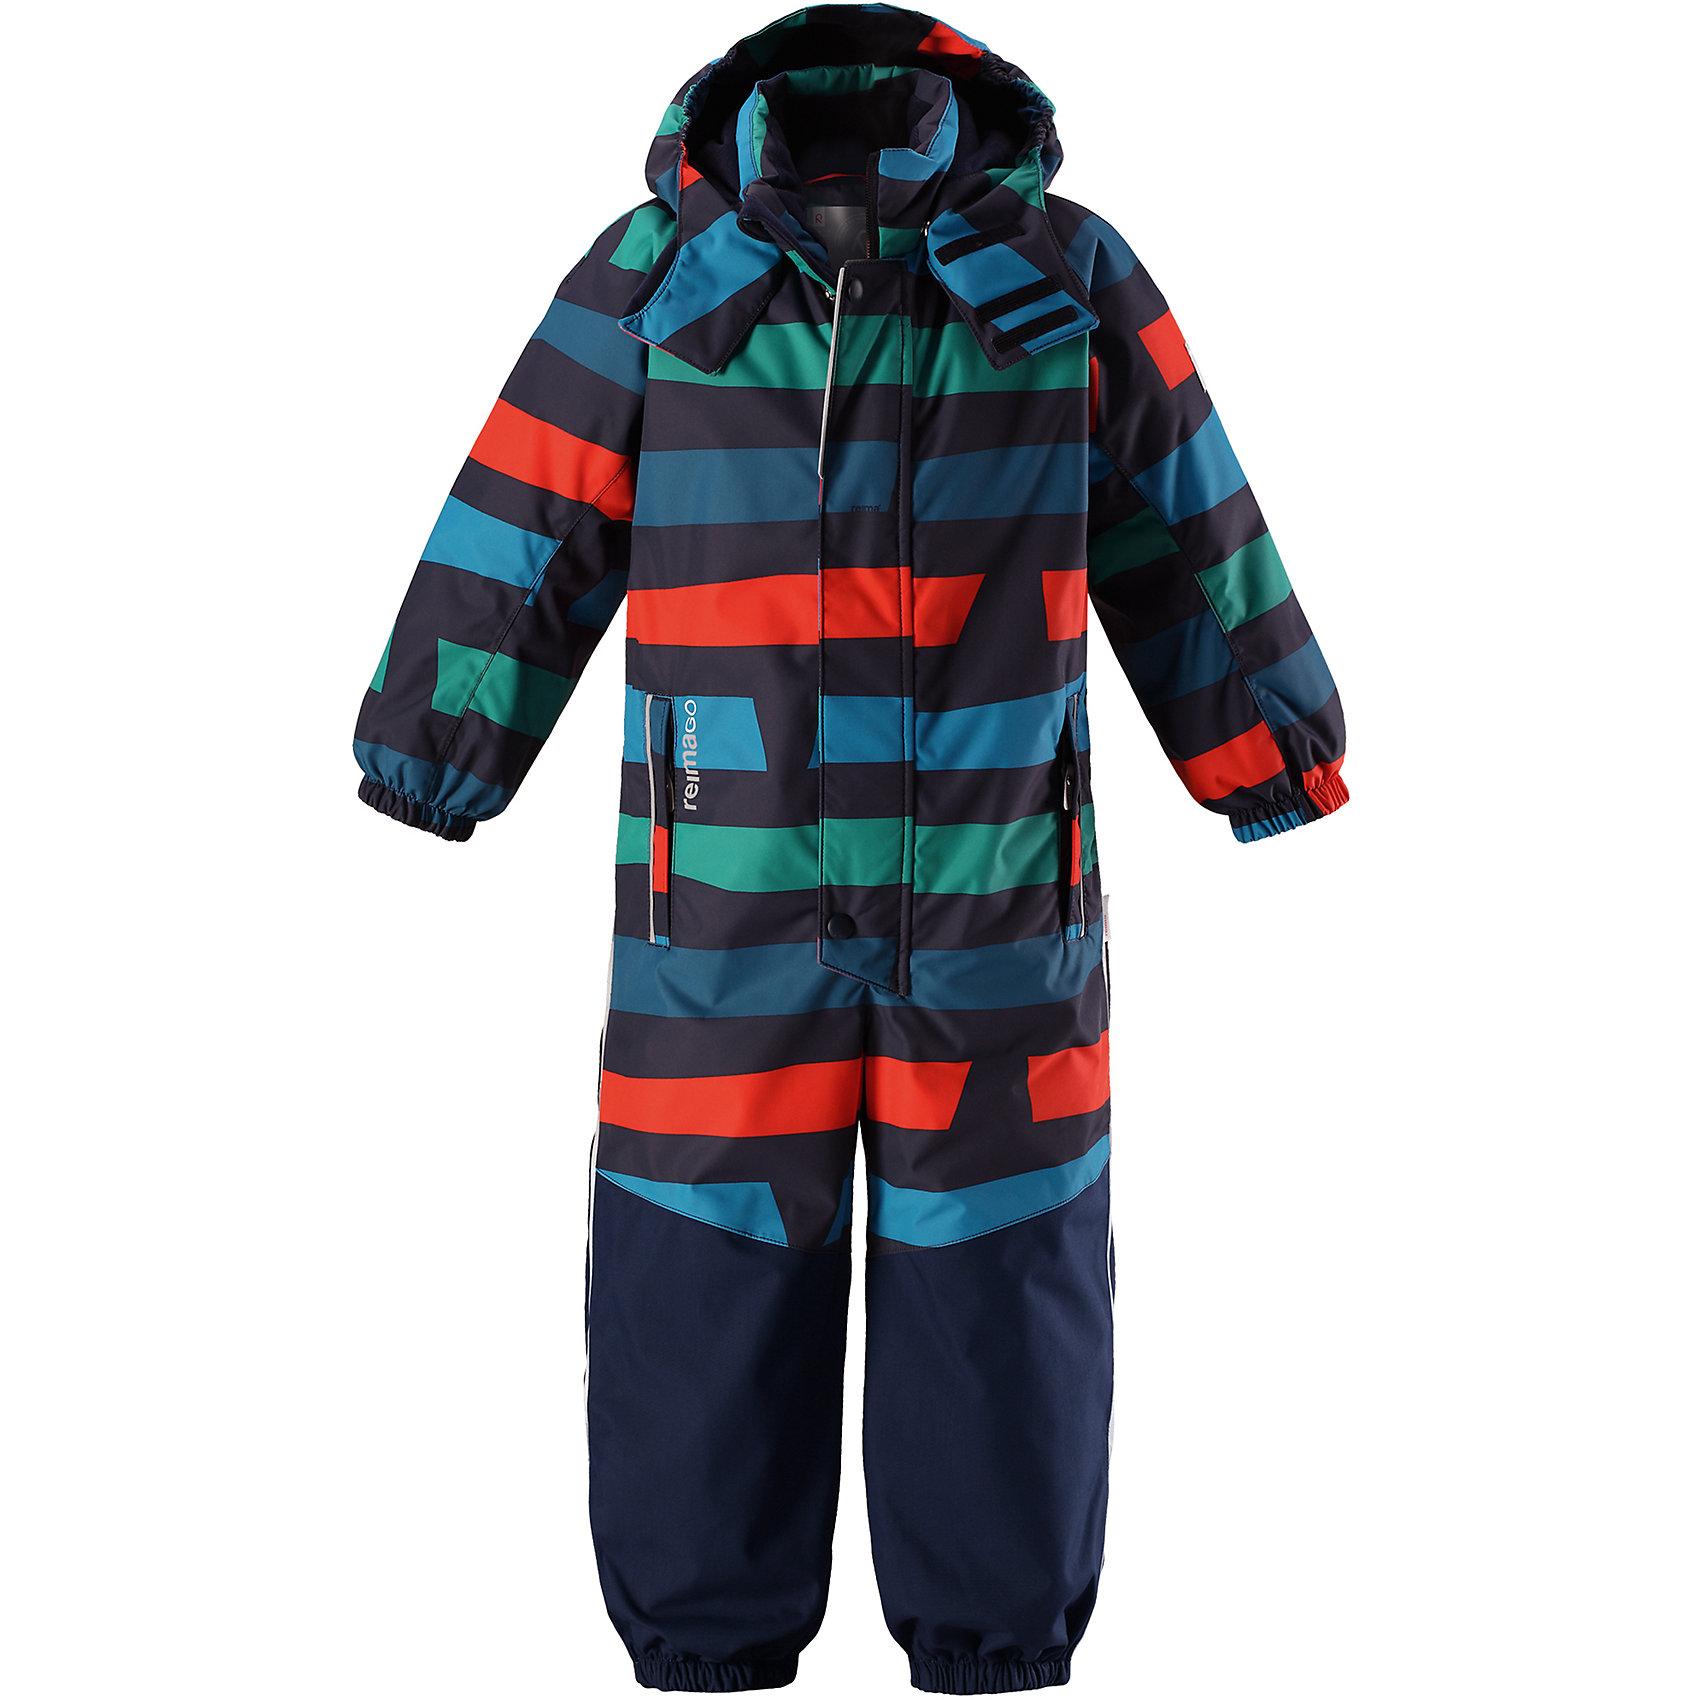 Комбинезон Reimatec® Reima OtsamoВерхняя одежда<br>Характеристики товара:<br><br>• цвет: мульти;<br>• состав: 100% полиэстер;<br>• подкладка: 100% полиэстер;<br>• утеплитель: 160 г/м2<br>• температурный режим: от 0 до -20С;<br>• сезон: зима; <br>• водонепроницаемость: 15000/12000 мм;<br>• воздухопроницаемость: 7000/8000 мм;<br>• износостойкость: 35000/80000 циклов (тест Мартиндейла);<br>• водо- и ветронепроницаемый, дышащий и грязеотталкивающий материал;<br>• прочные усиленные вставки внизу, на коленях и снизу на ногах;<br>• все швы проклеены и водонепроницаемы;<br>• гладкая подкладка из полиэстера;<br>• эластичные манжеты и пояс сзади;<br>• застежка: молния с защитой подбородка;<br>• безопасный съемный и регулируемый капюшон на кнопках;<br>• внутренняя регулировка обхвата талии;<br>• регулируемая длина брюк с помощью кнопок;<br>• прочные съемные силиконовые штрипки;<br>• два кармана на молнии;<br>• кармана с креплением для сенсора ReimaGO®;<br>• светоотражающие детали;<br>• страна бренда: Финляндия;<br>• страна изготовитель: Китай.<br><br>Непромокаемый и прочный детский зимний комбинезон Reimatec® с полностью проклеенными швами. Суперпрочные усиления на задней части, коленях и концах брючин. Этот практичный комбинезон изготовлен из ветронепроницаемого и дышащего материала. Комбинезон снабжен гладкой подкладкой из полиэстера. <br><br>В этом комбинезоне прямого кроя талия легко регулируется, что позволяет подогнать комбинезон точно по фигуре. А еще он снабжен эластичными манжетами на рукавах и концах брючин, которые регулируются застежкой на кнопках. Внутри комбинезона имеются удобные подтяжки, благодаря которым дети могут снять верхнюю часть. Подтяжки поддерживают верхнюю часть на бедрах, обеспечивая комфорт при входе в помещение и не позволяя комбинезону тащится по полу. <br><br>Съемный и регулируемый капюшон защищает от пронизывающего ветра, а еще он безопасен во время игр на свежем воздухе. Кнопки легко отстегиваются, если капюшон случайно за что-нибудь зацепится